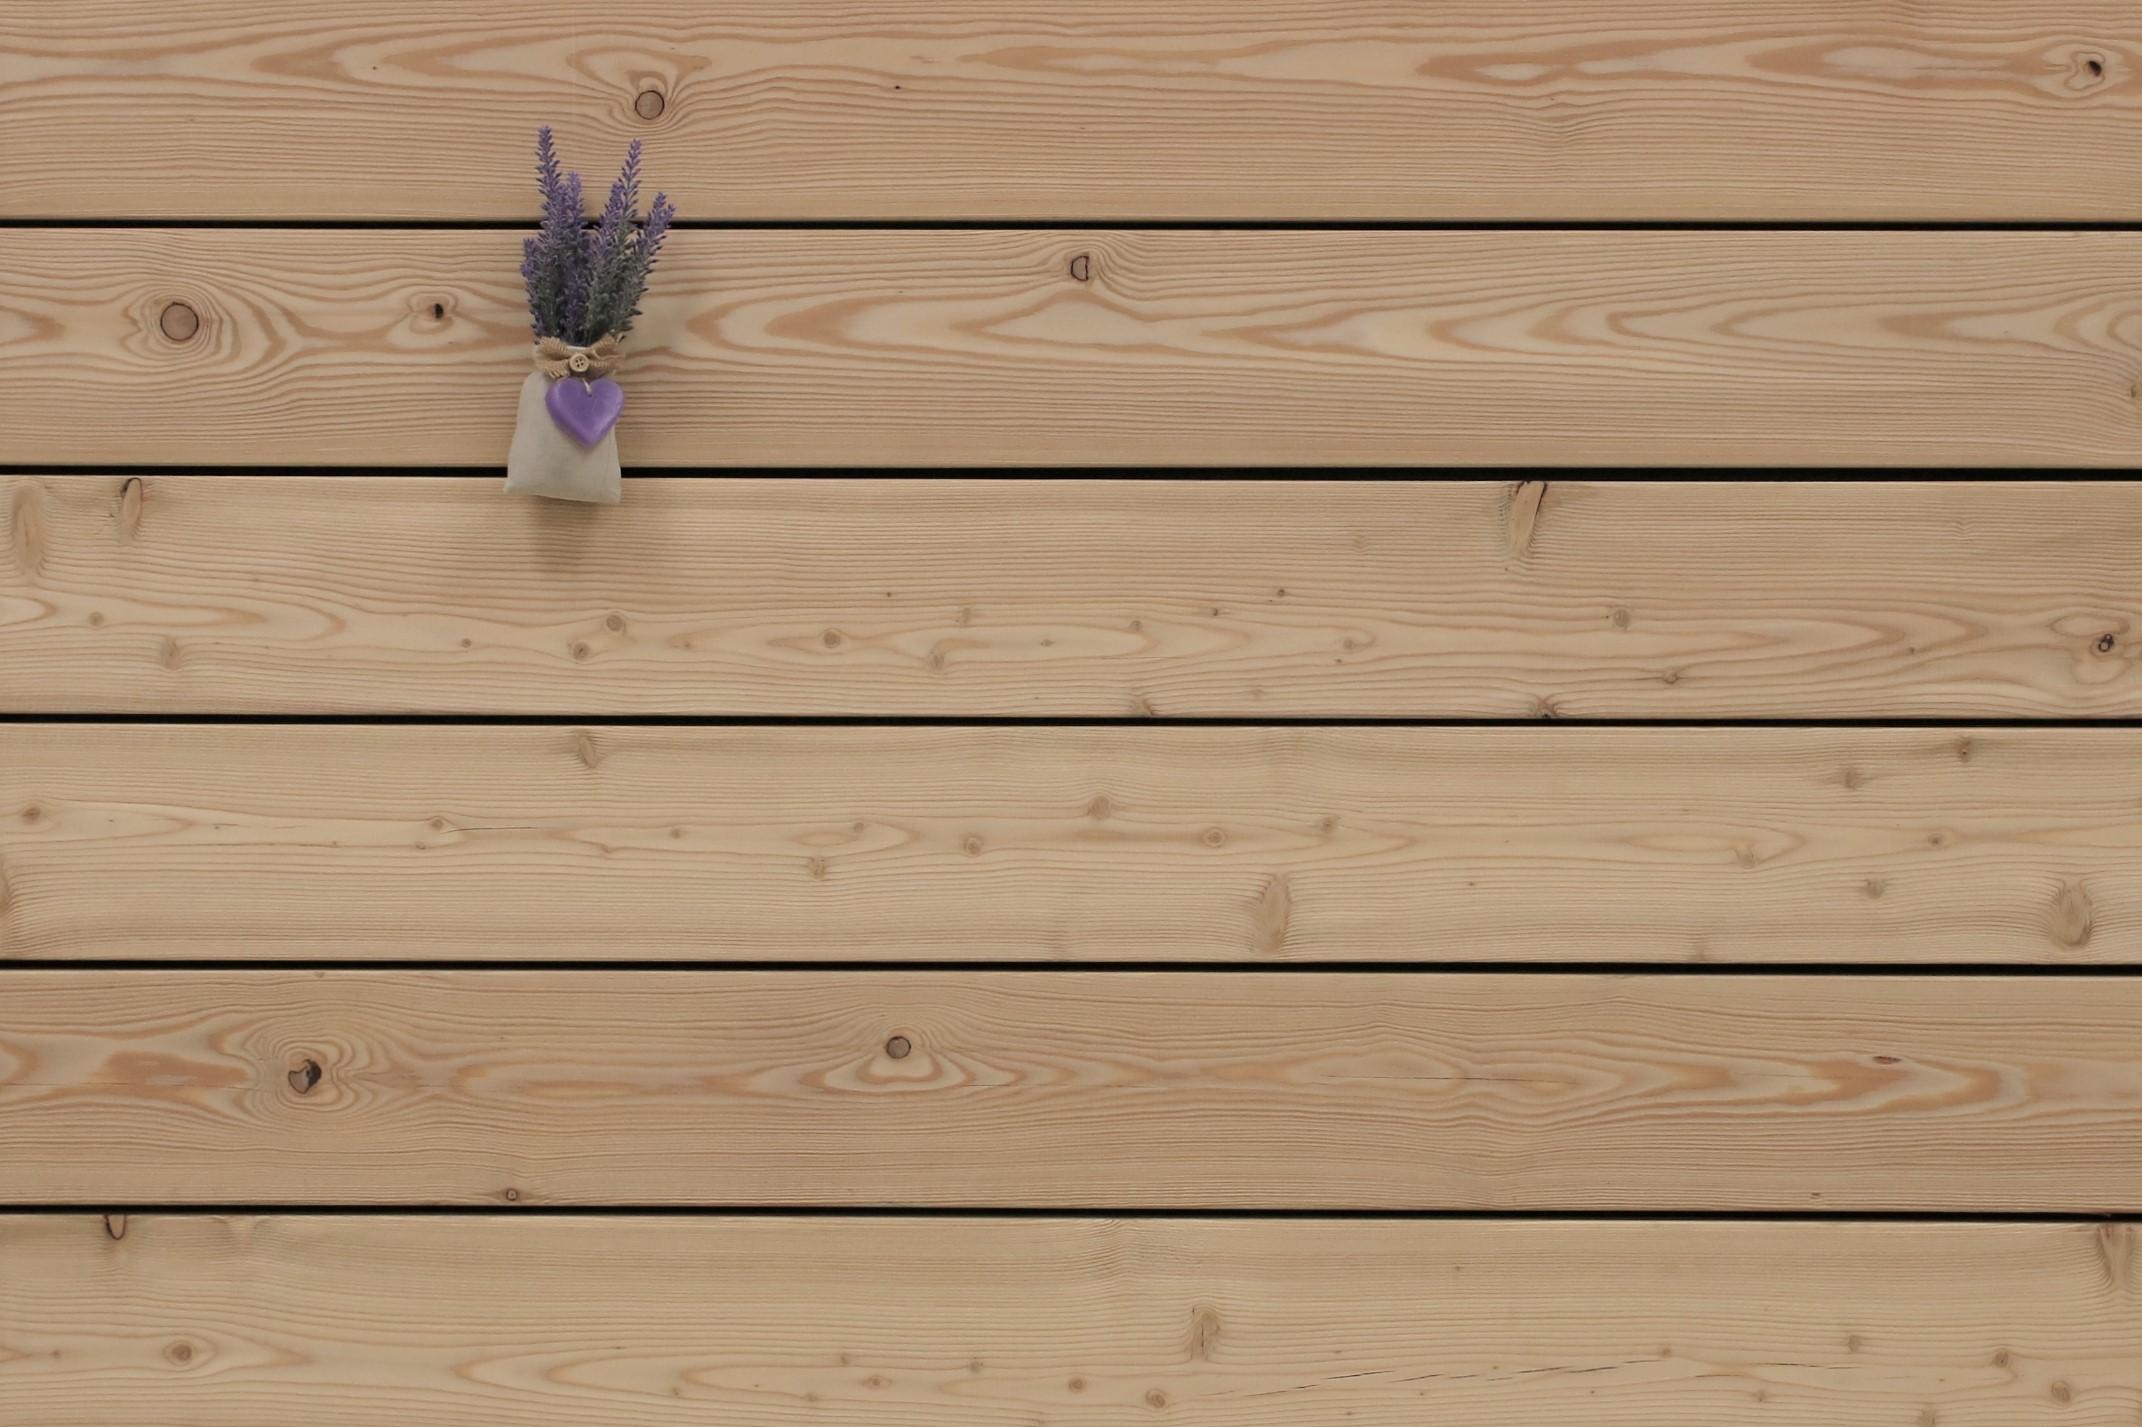 Terrassenholz Sibirische Lärche Bretter, 26 x 143 bis 6000 mm Dielen, glatt, AB Sortierung, Holz für die Terrasse